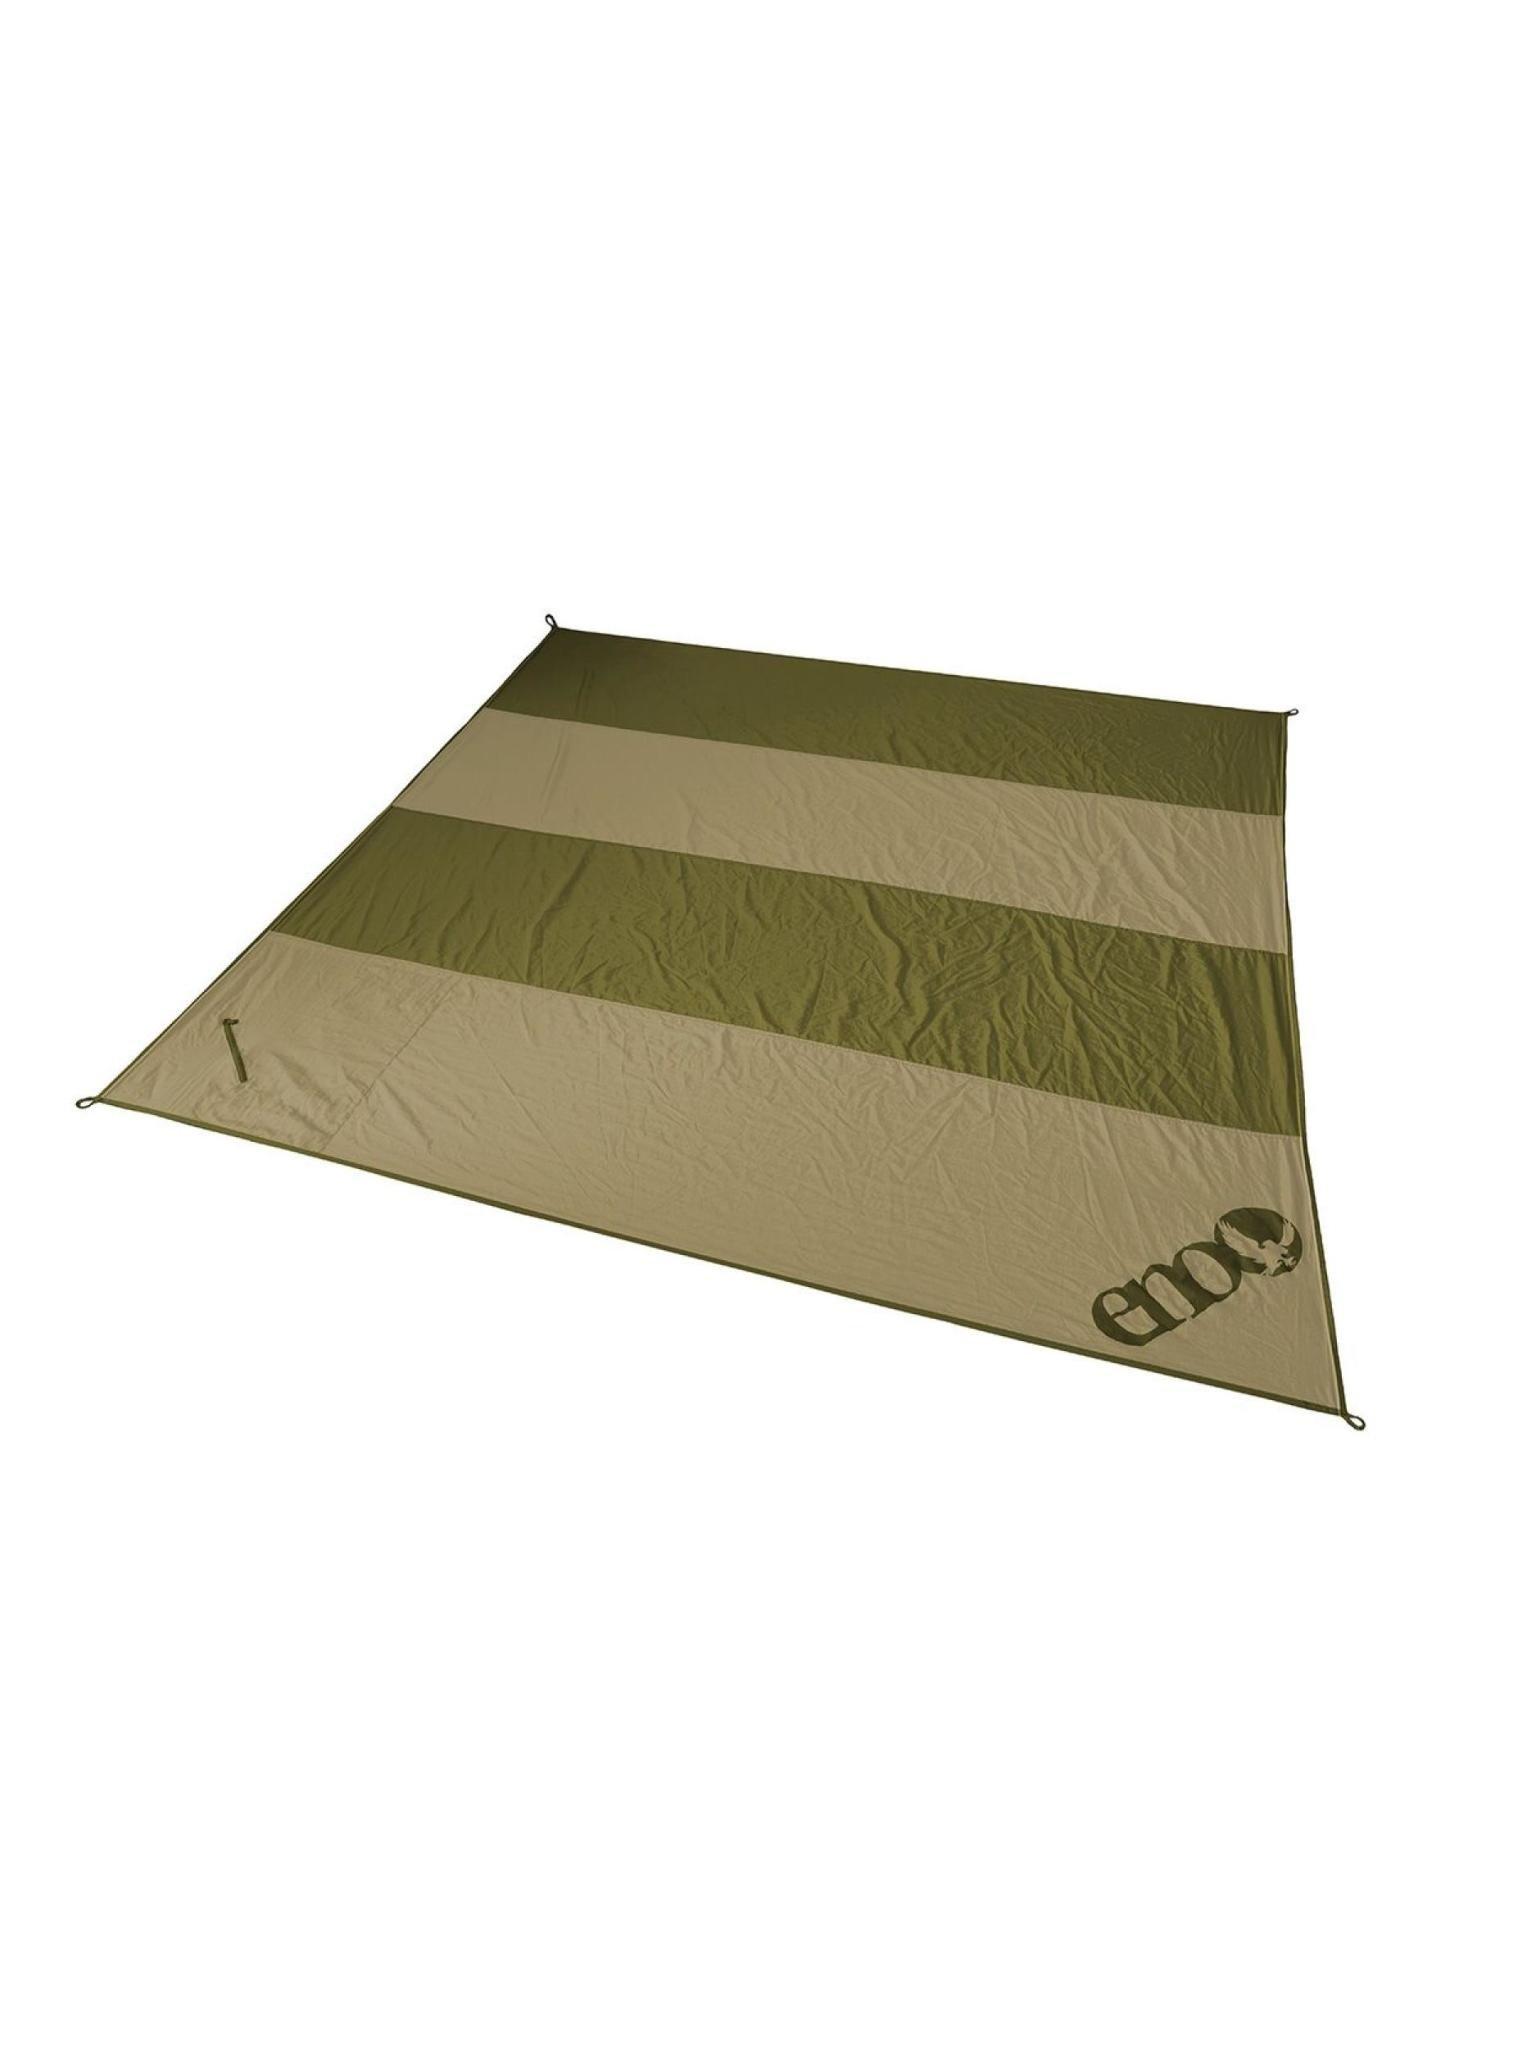 ENO Islander Blanket Khaki/Olive